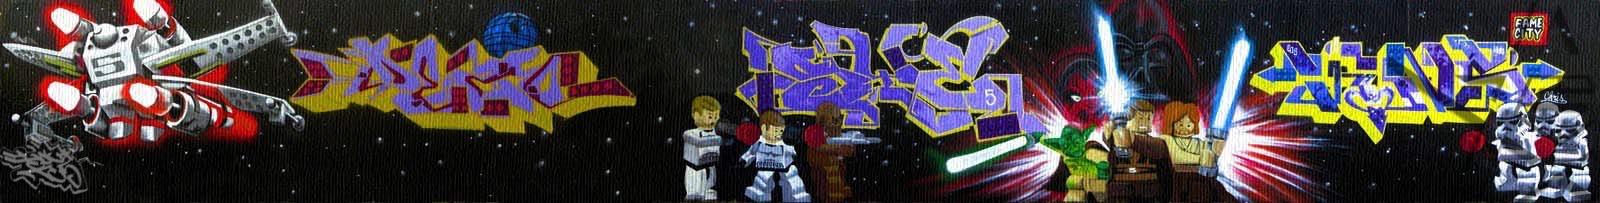 Star wars LEGO small-1